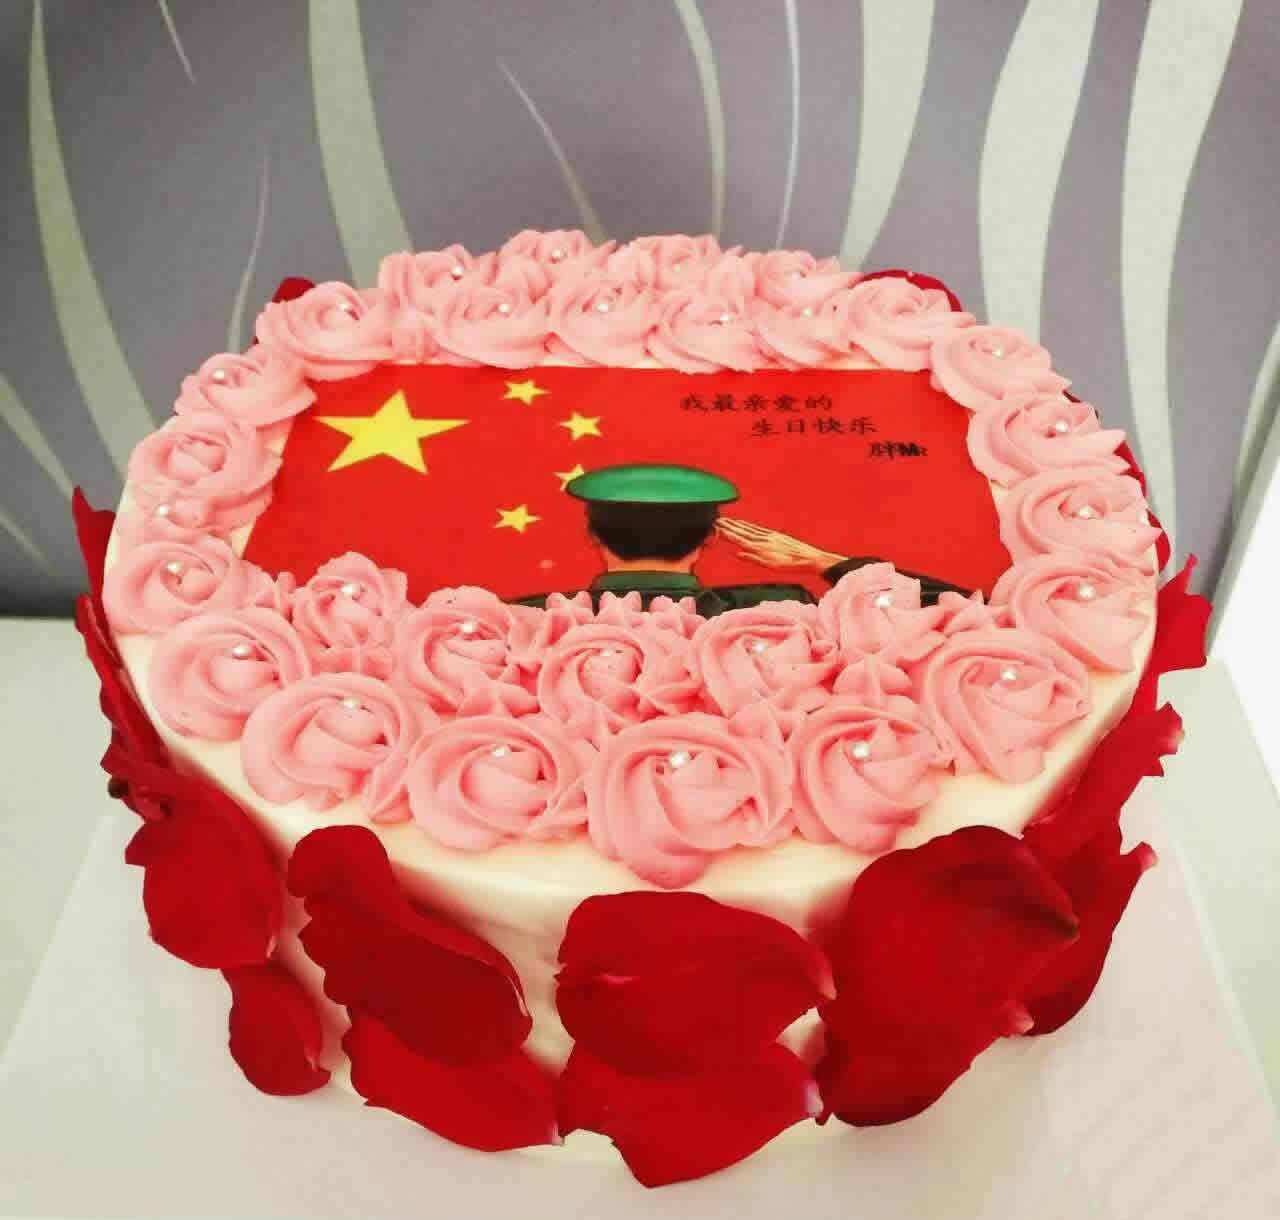 生日蛋糕-红旗飘飘